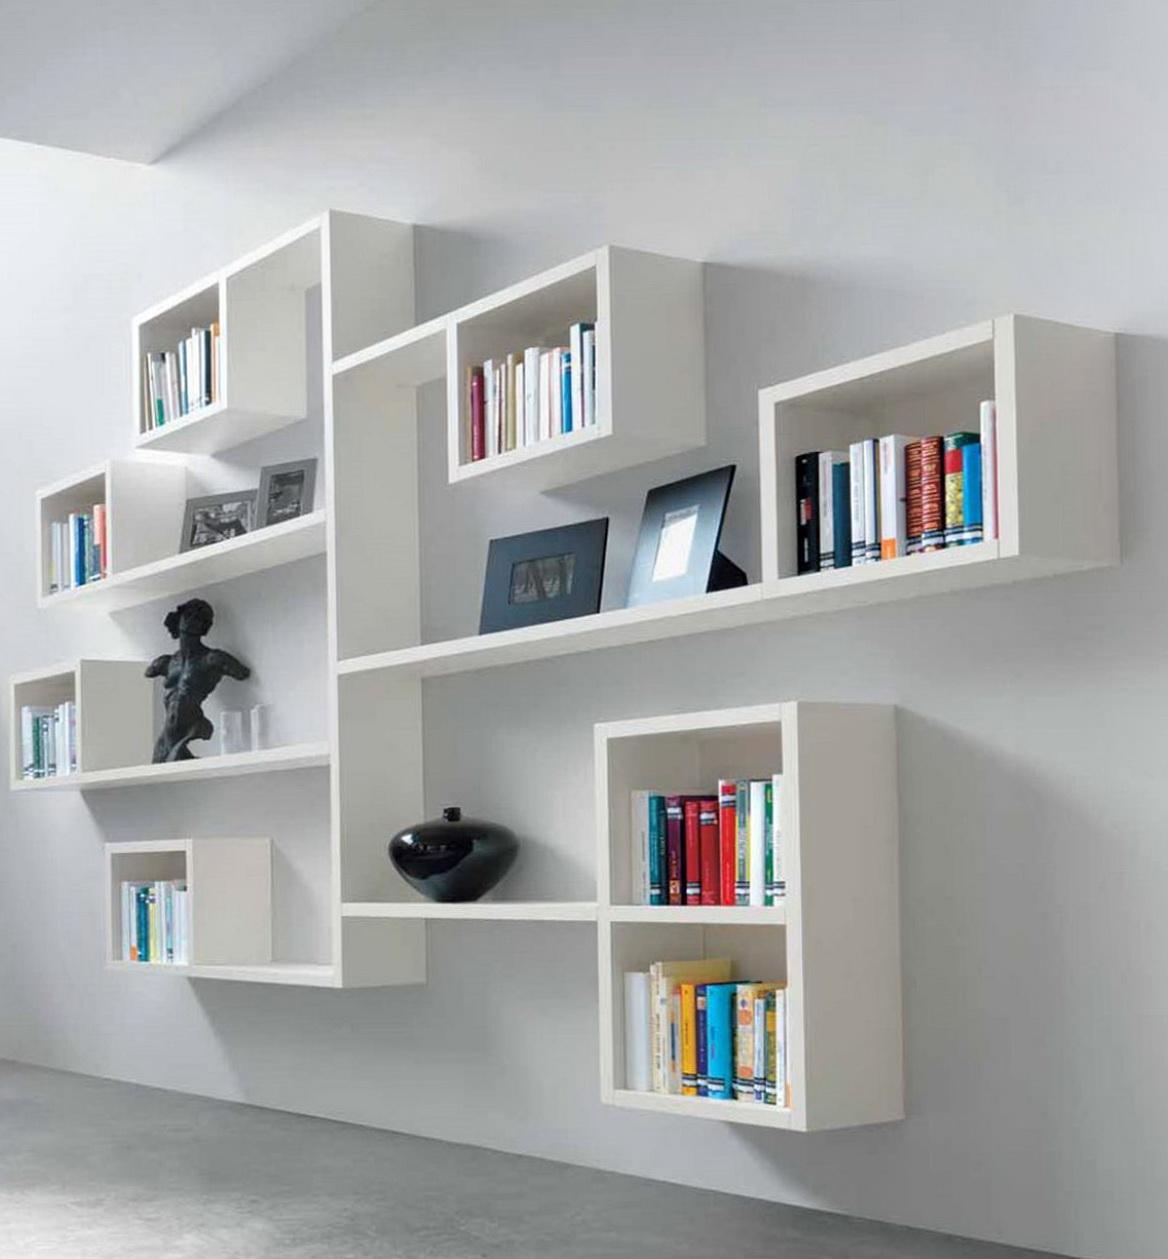 Shelves On Wall For Books